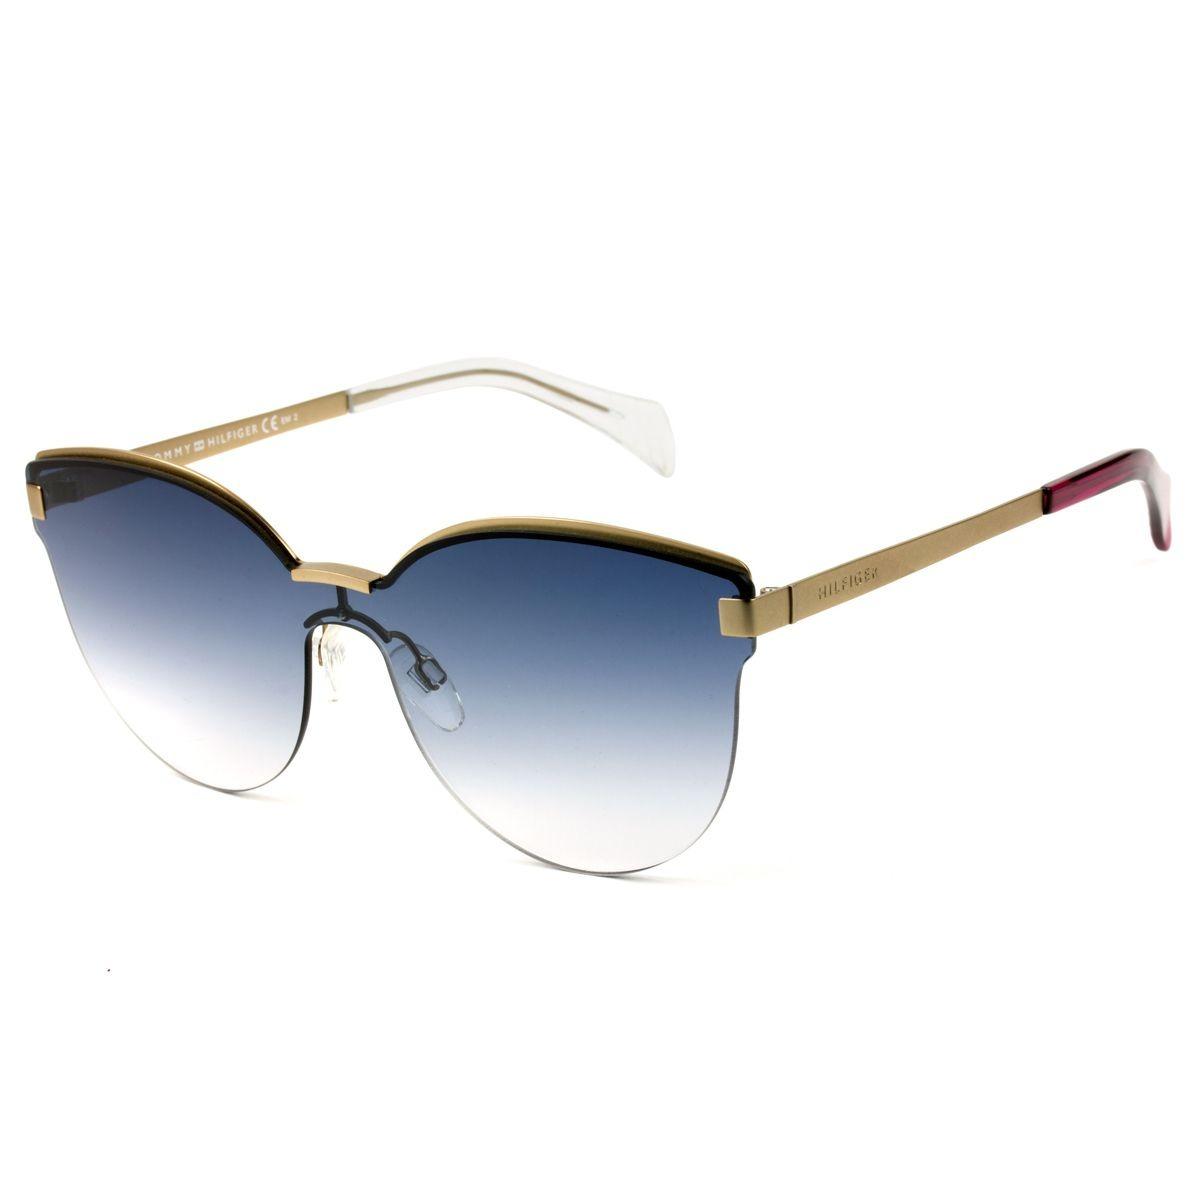 c07f31f3f Óculos De Sol Tommy Hilfiger Th1378/s 03oit - R$ 389,00 em Mercado Livre